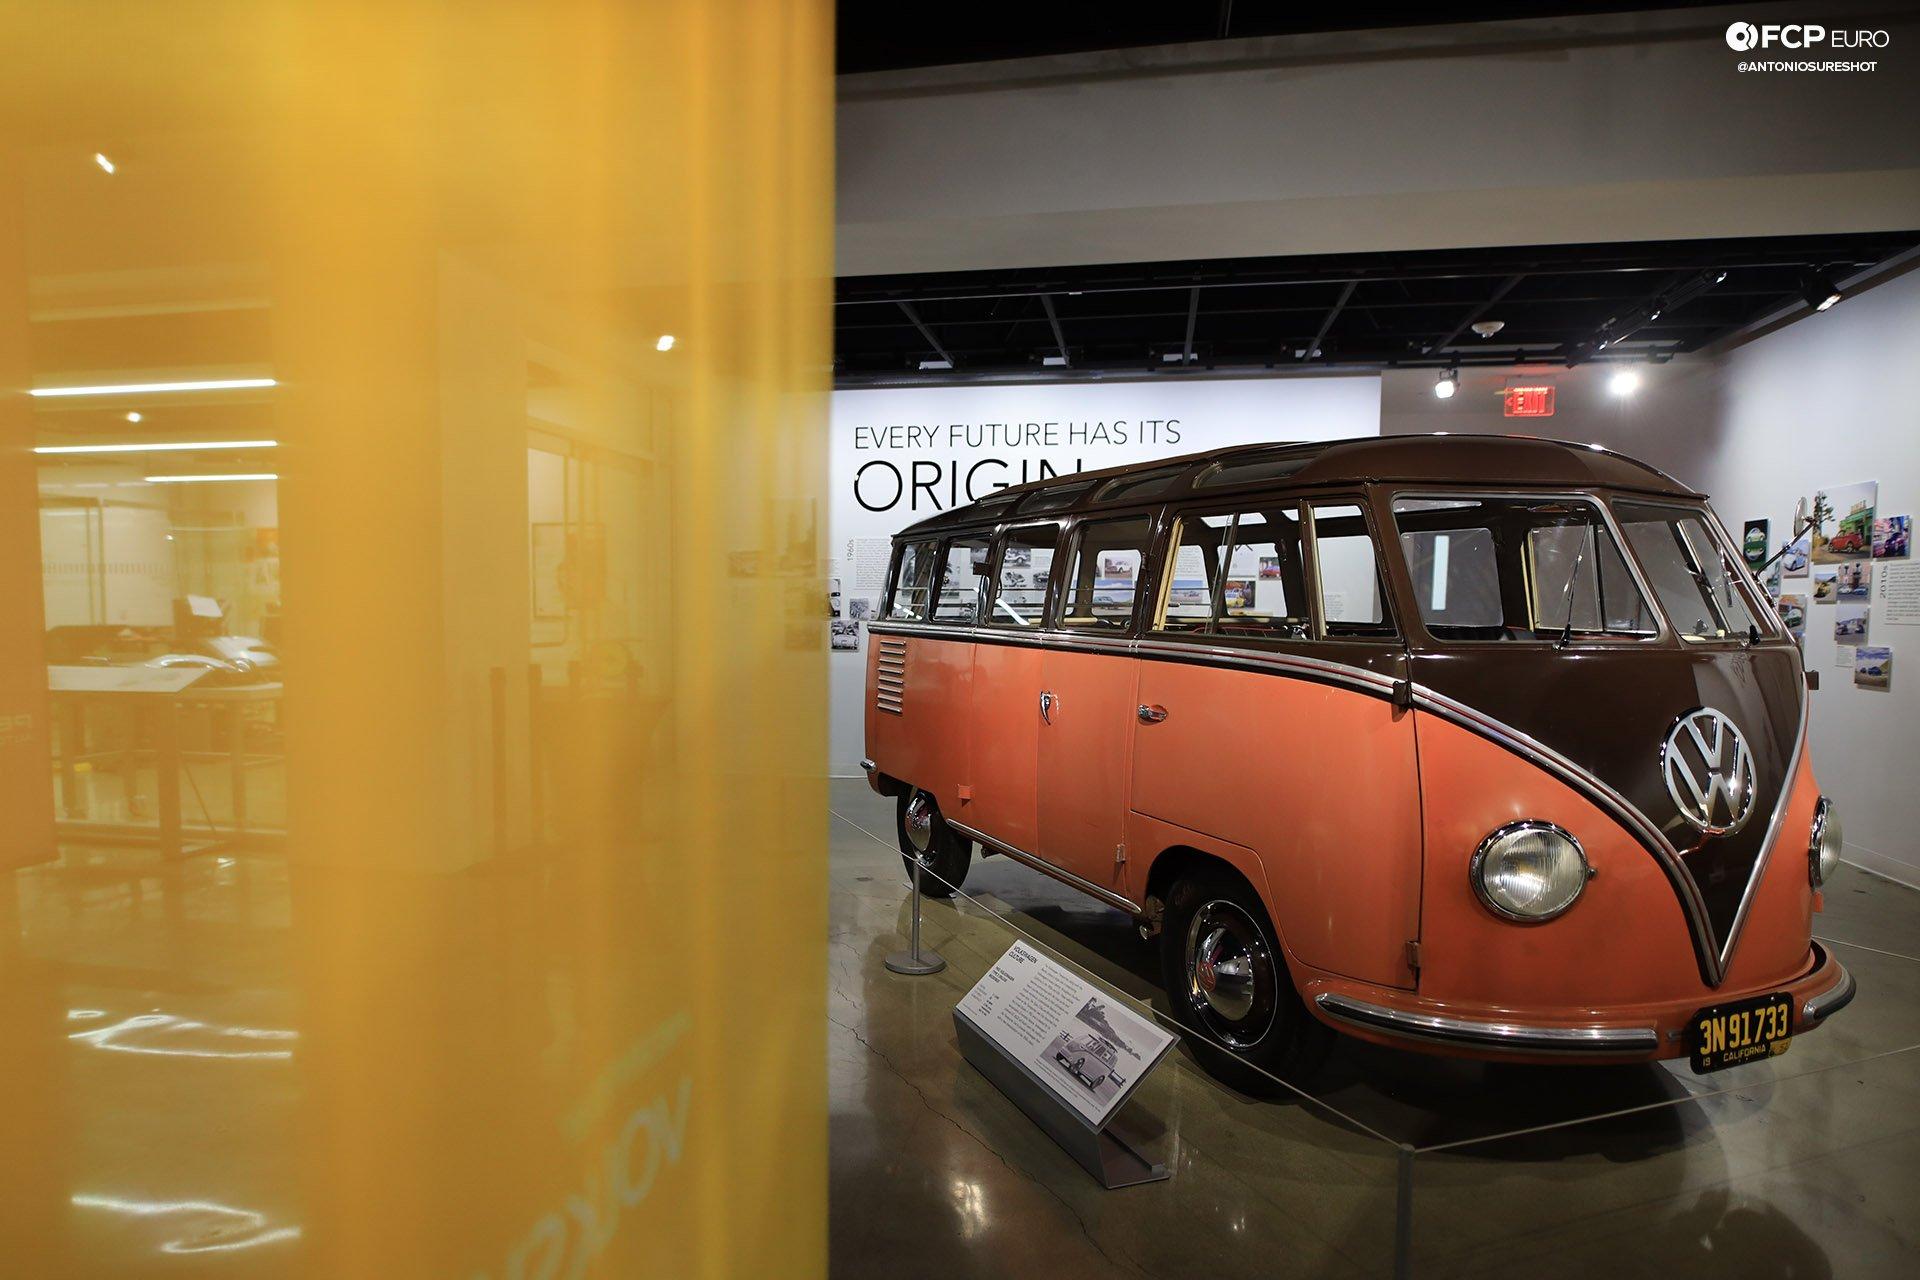 Volkswagen VW ID Vizzion Electric Future Petersen Museum Bus